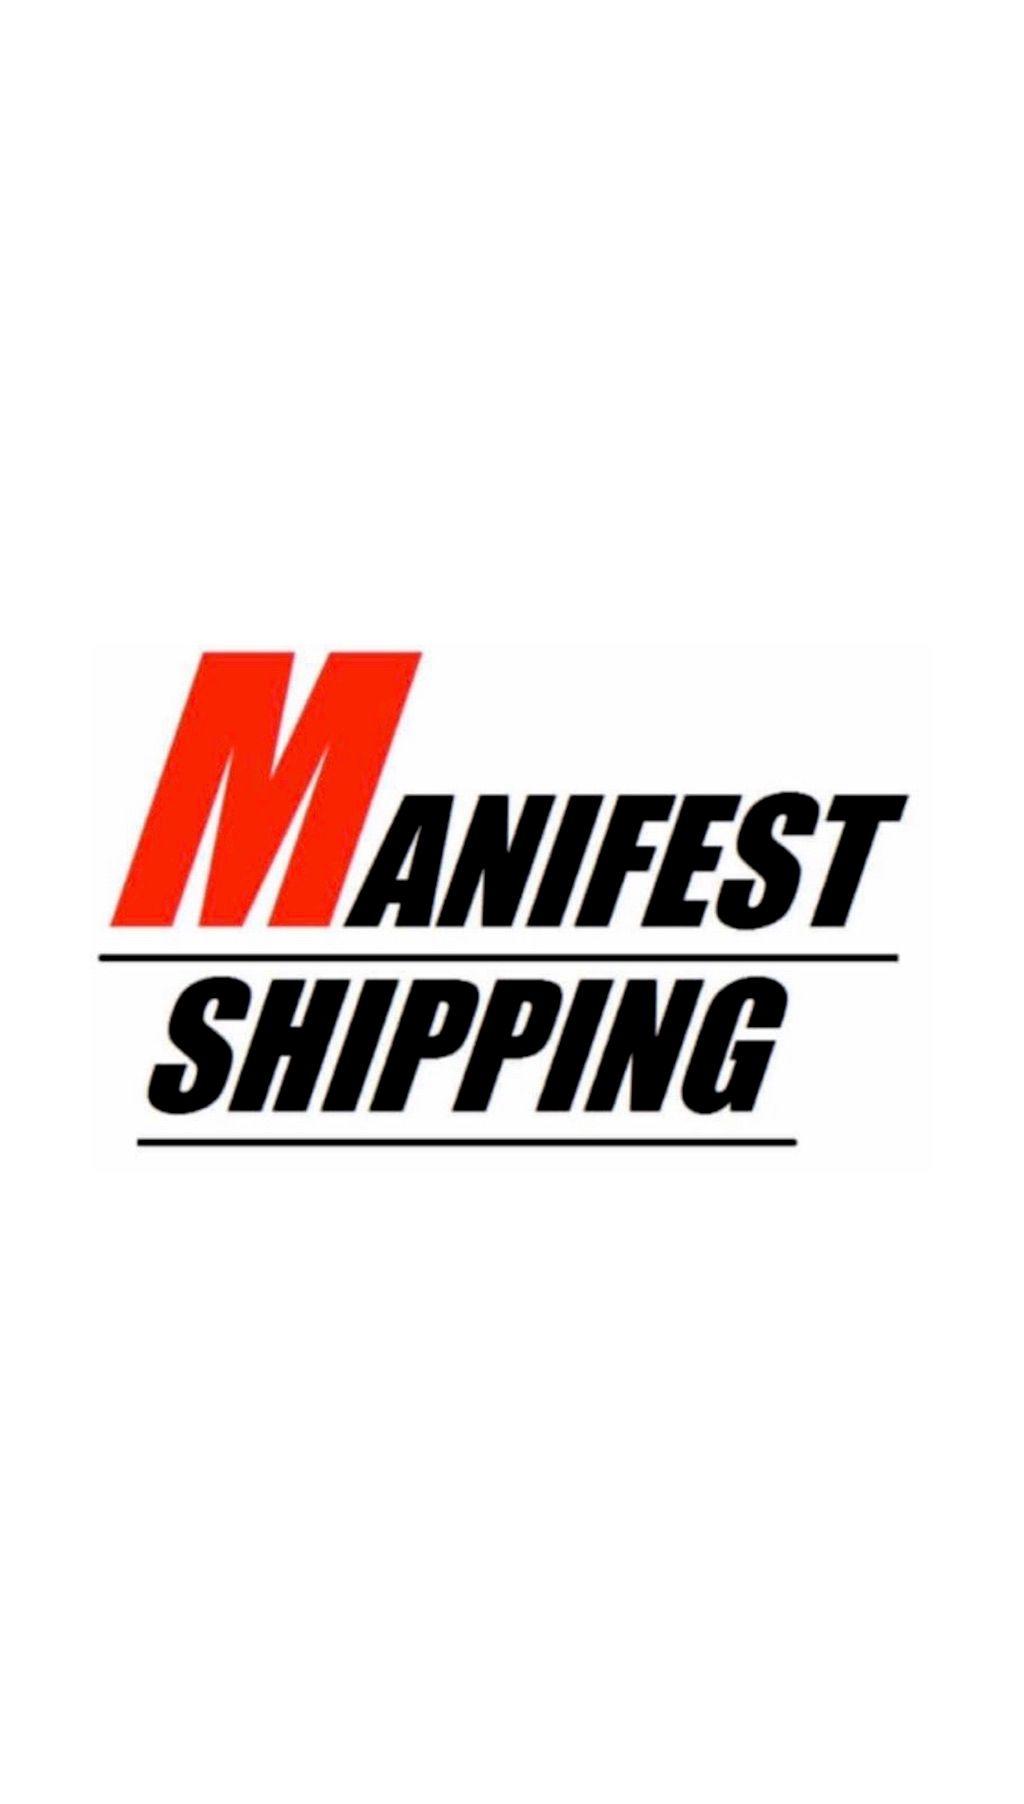 Manifest Shipping LLC